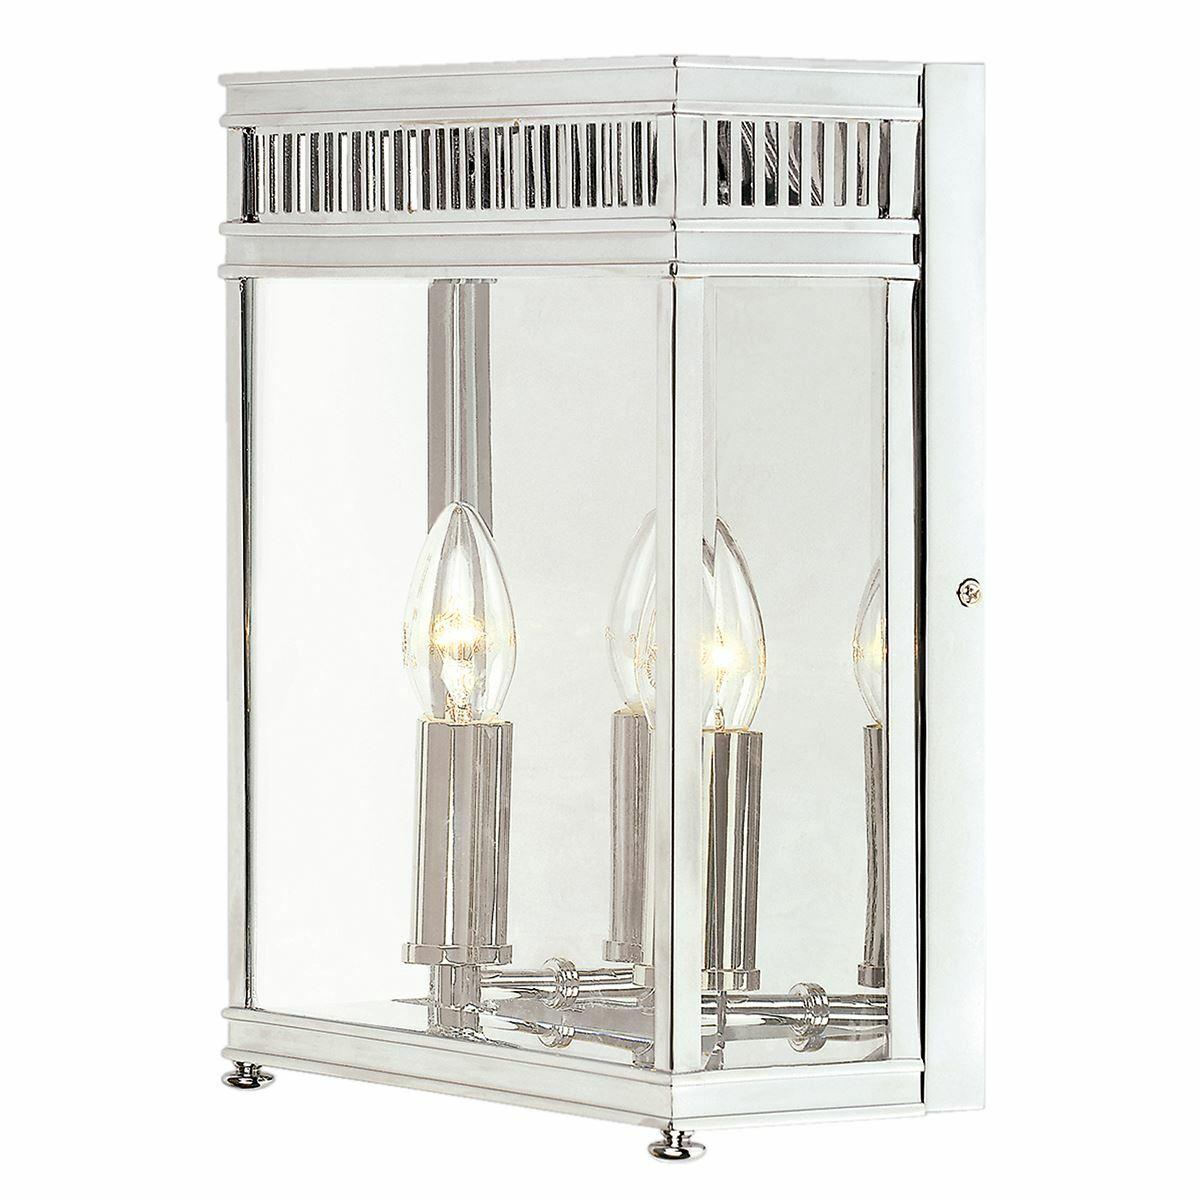 Elstead Lighting - Holborn 2 Light Half Lantern Medium - Polished Chrome